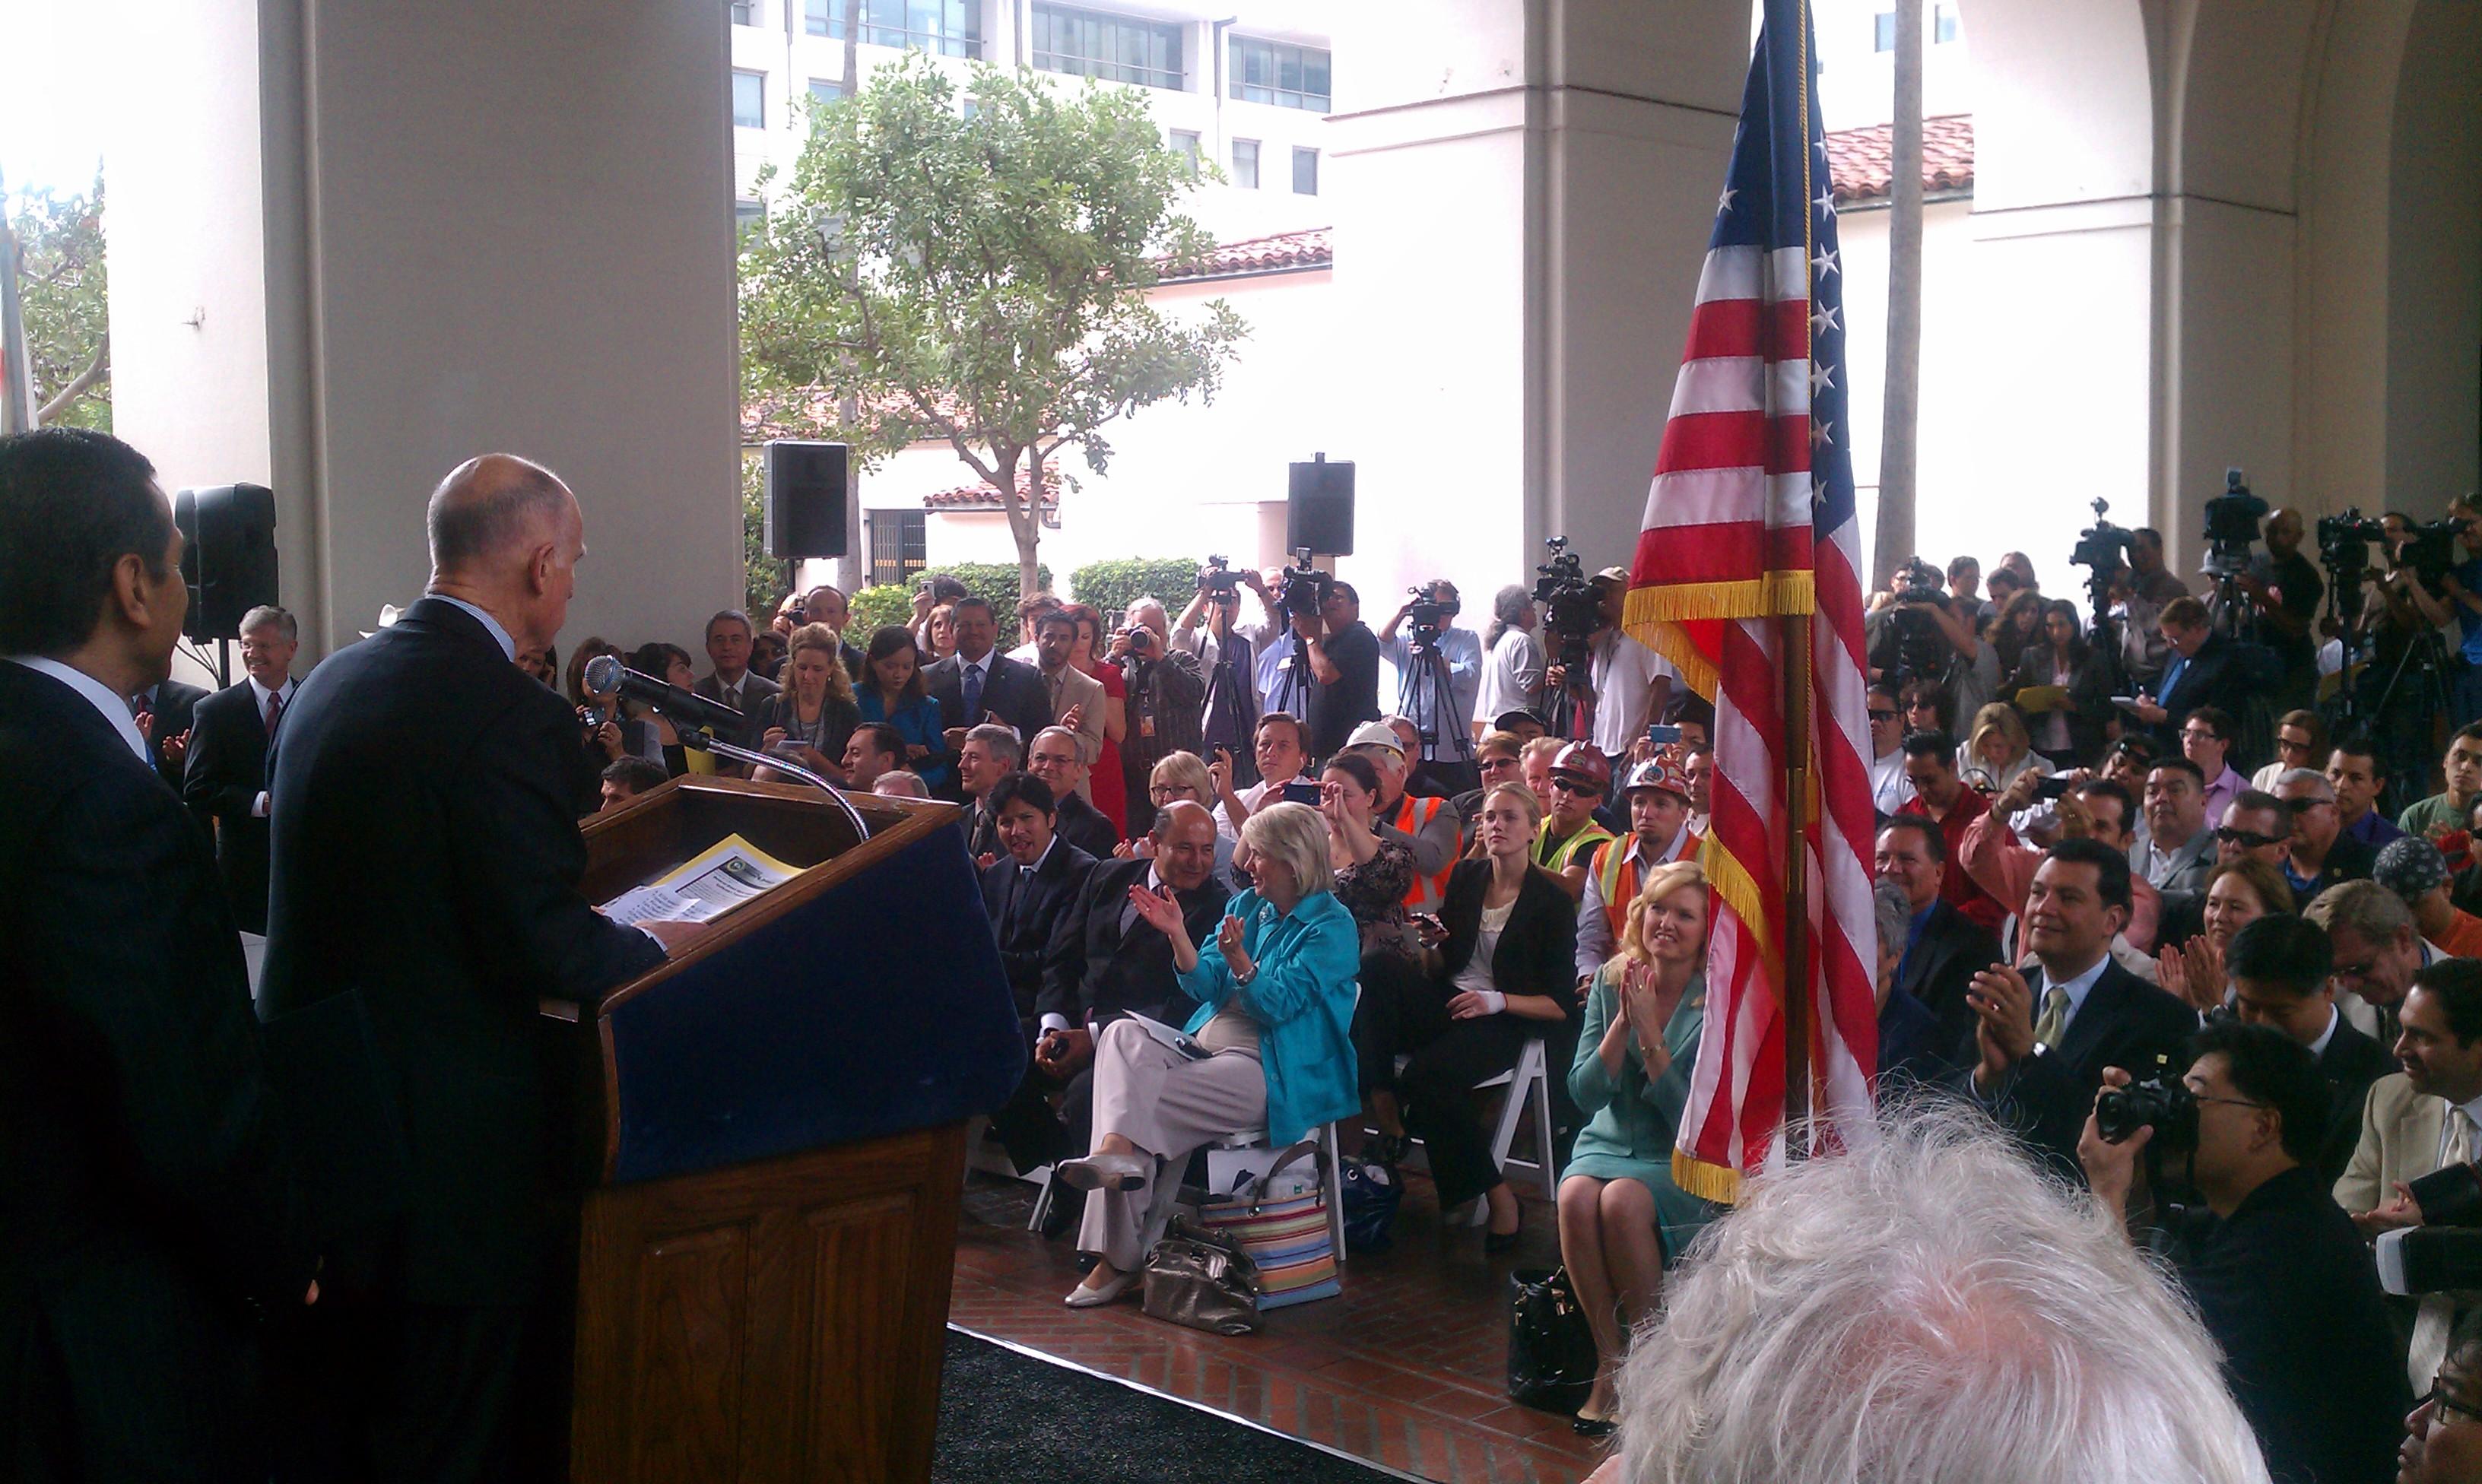 El Gobernador Brown hablando a los asistentes a la ceremonia de la firma del inicio de construcción del tren bala en California esta mañana en Union Station. (Foto Rick Jager/El Pasajero).